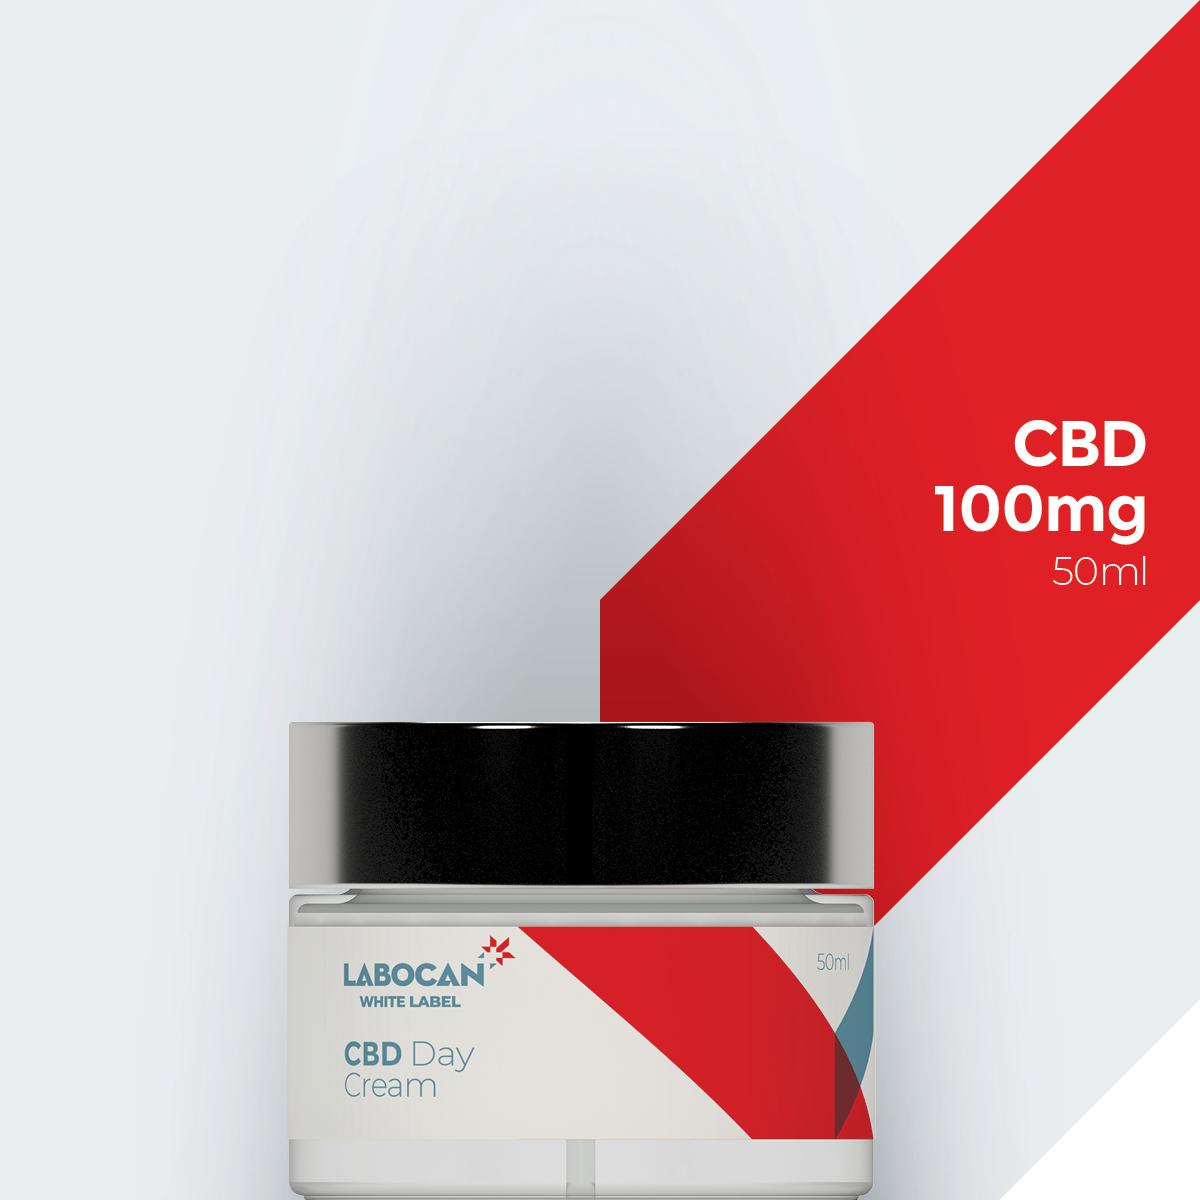 Labocan White Label CBD day cream